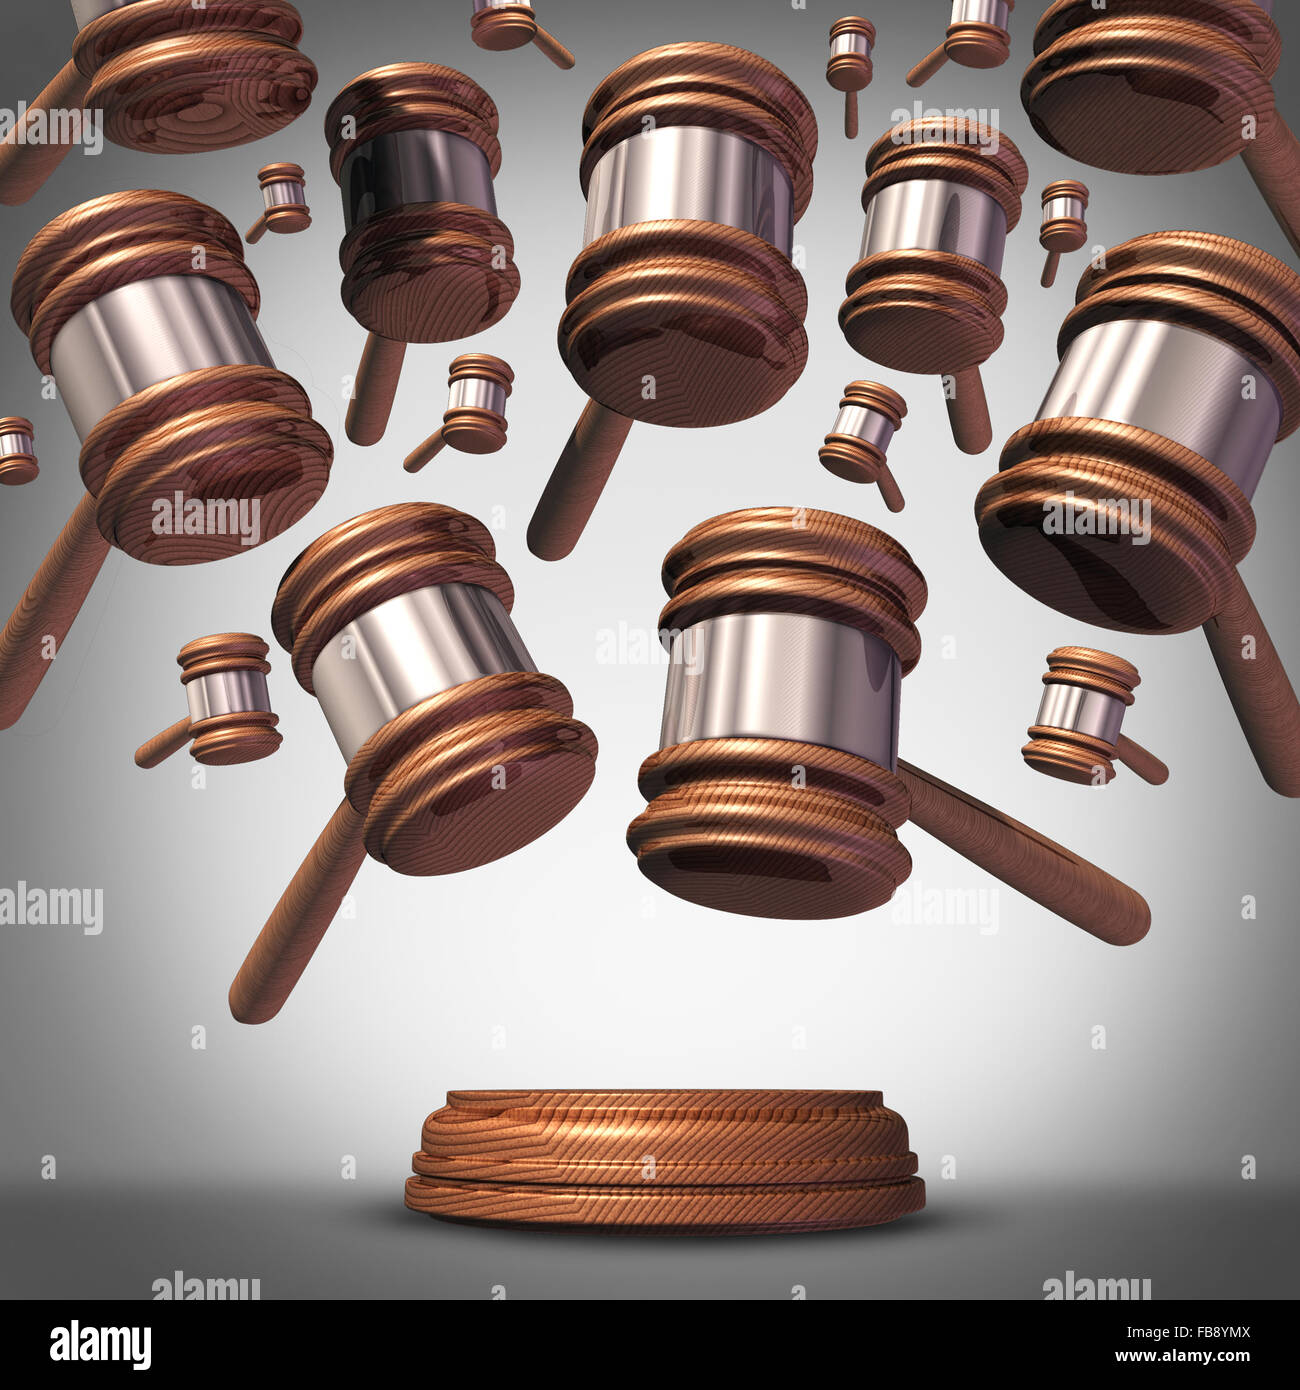 Concepto de juicio de acción de clase como demandante grupo representado por muchos juzgan mazas o martillo Imagen De Stock